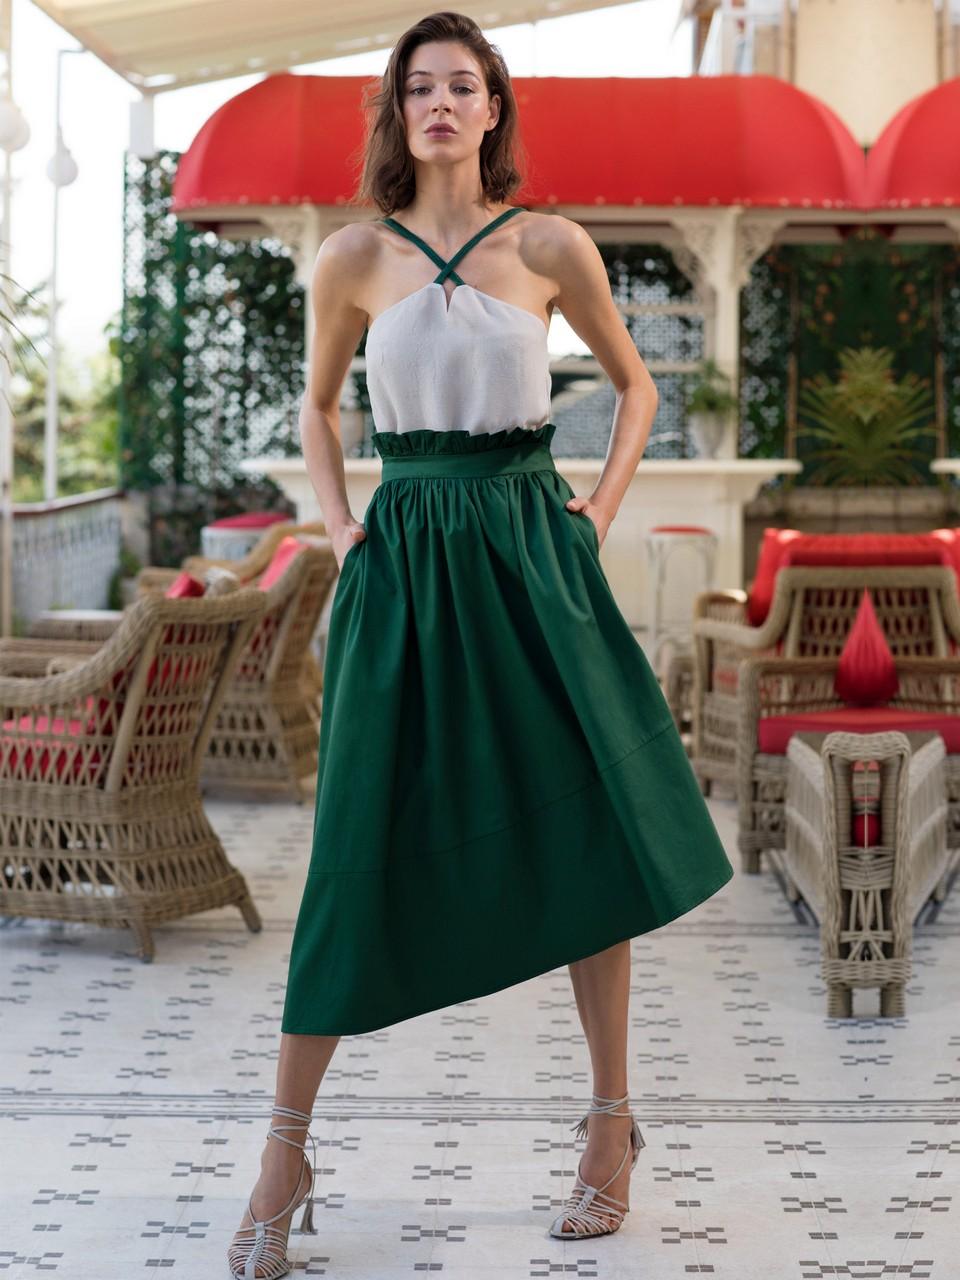 Ruffled Skirt at Waist